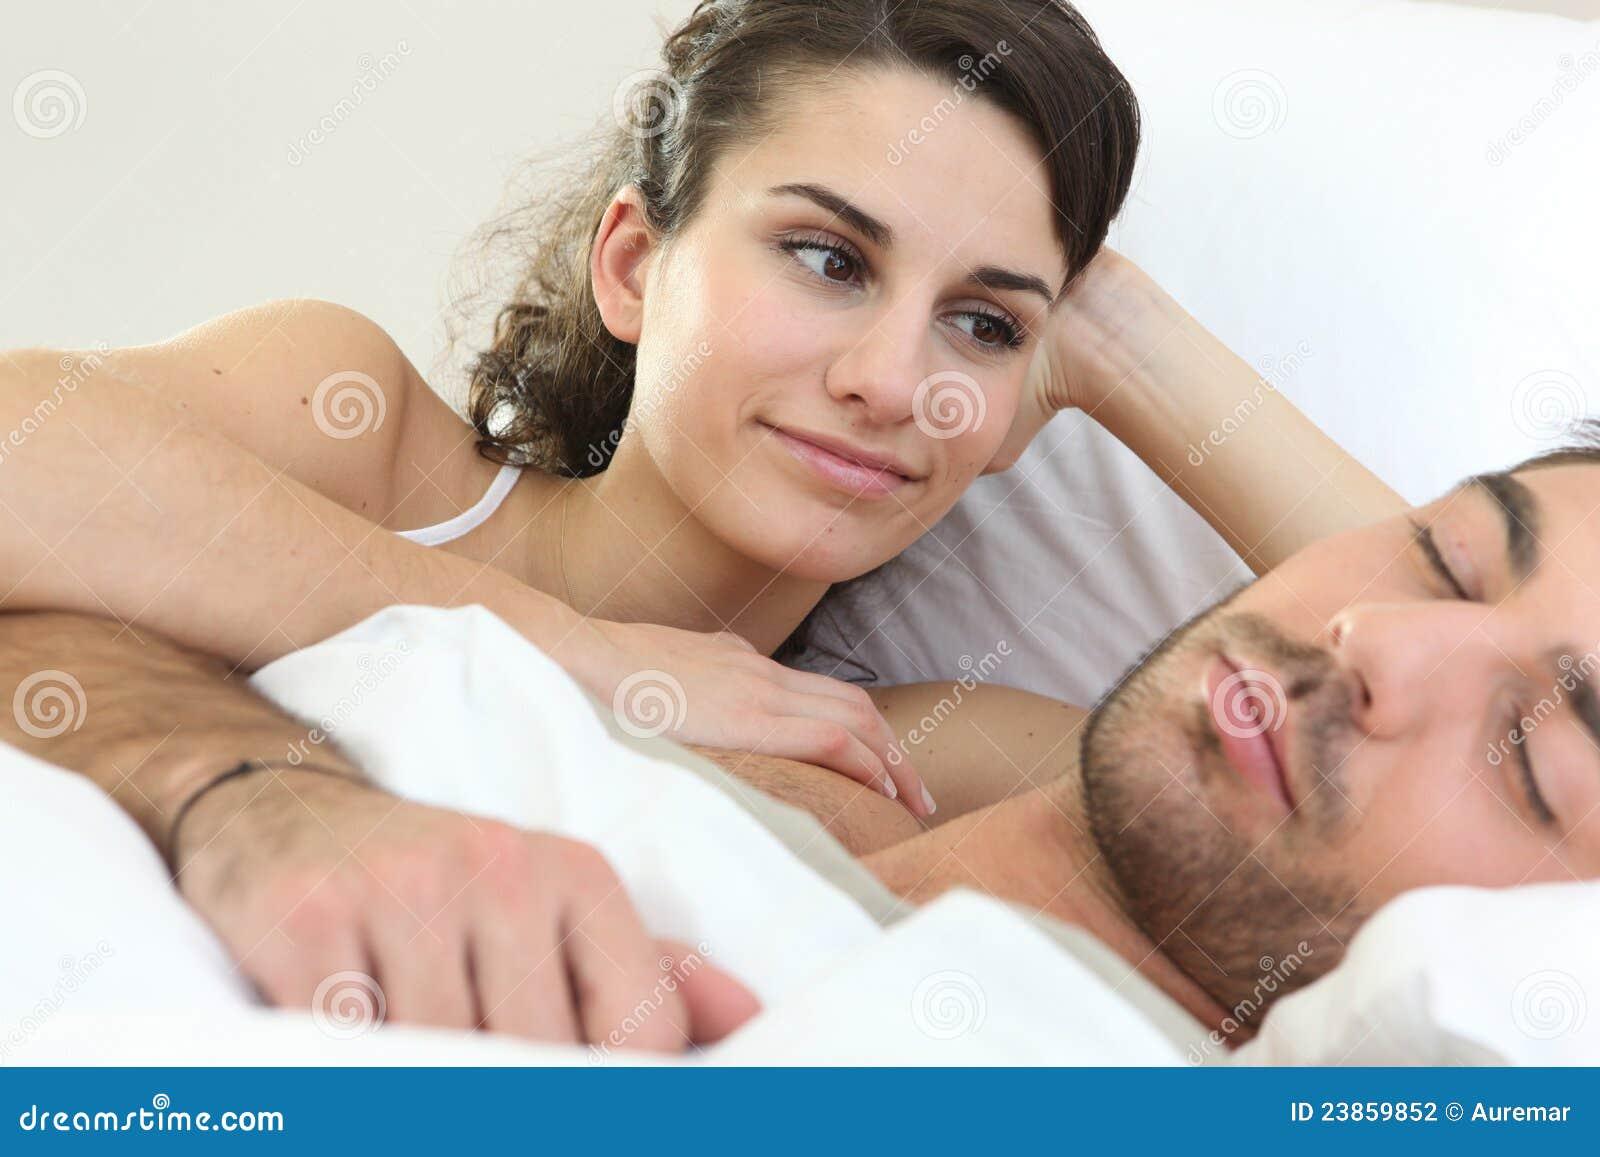 Watching sex video com